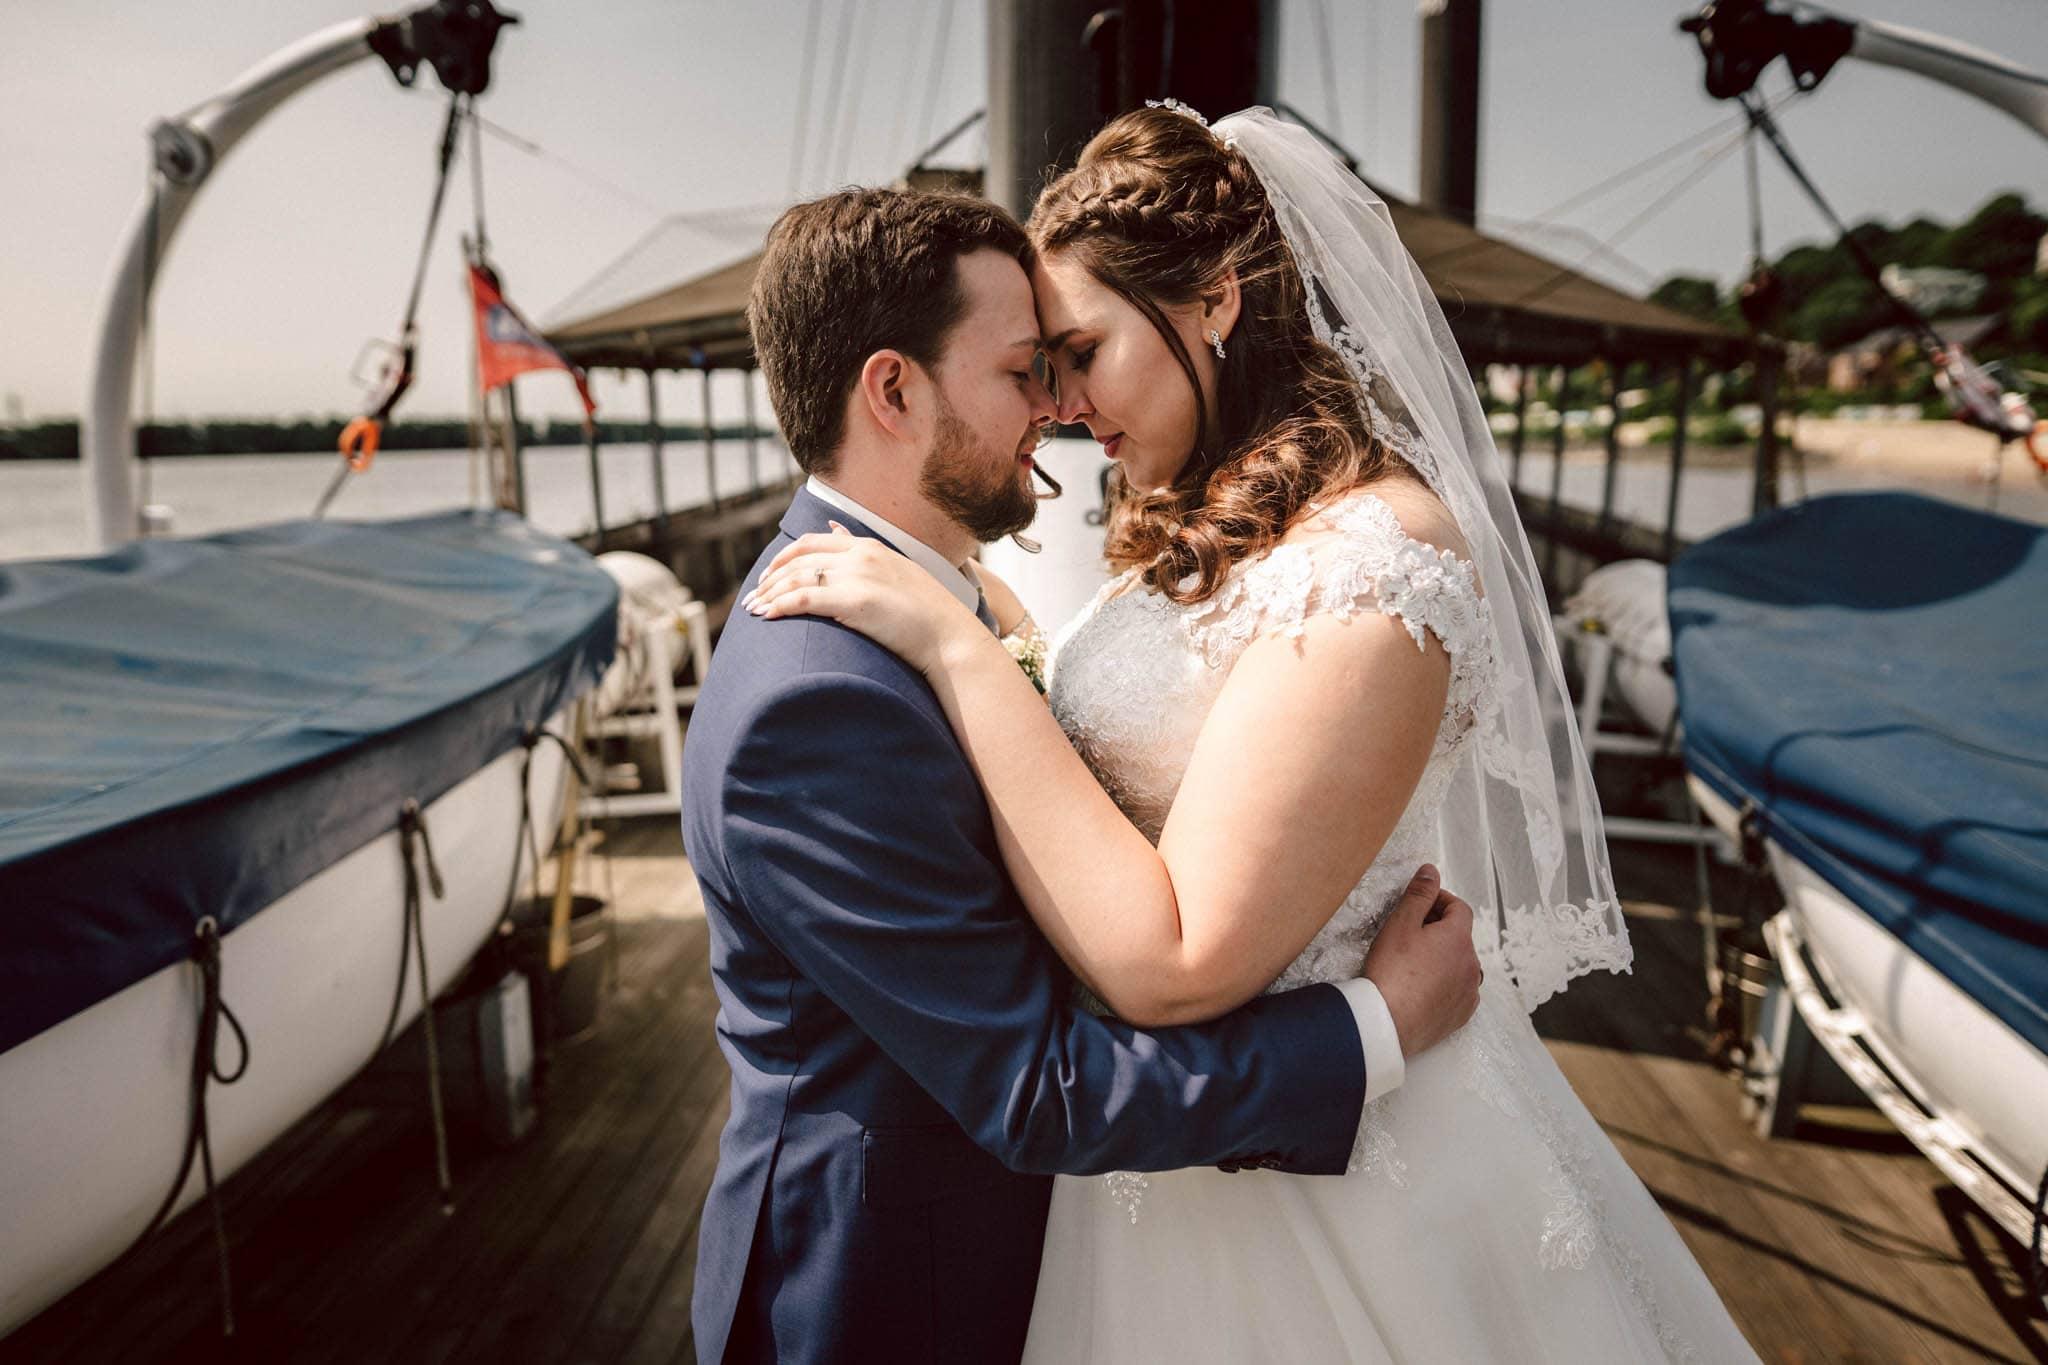 Hochzeitsfieber by Photo-Schomburg, Hochzeitsfotograf, Hamburg, Altona, wedding, Standesamt Altona, Appen, Hochzeitsshooting, Hochzeitstag, Brautpaar-83